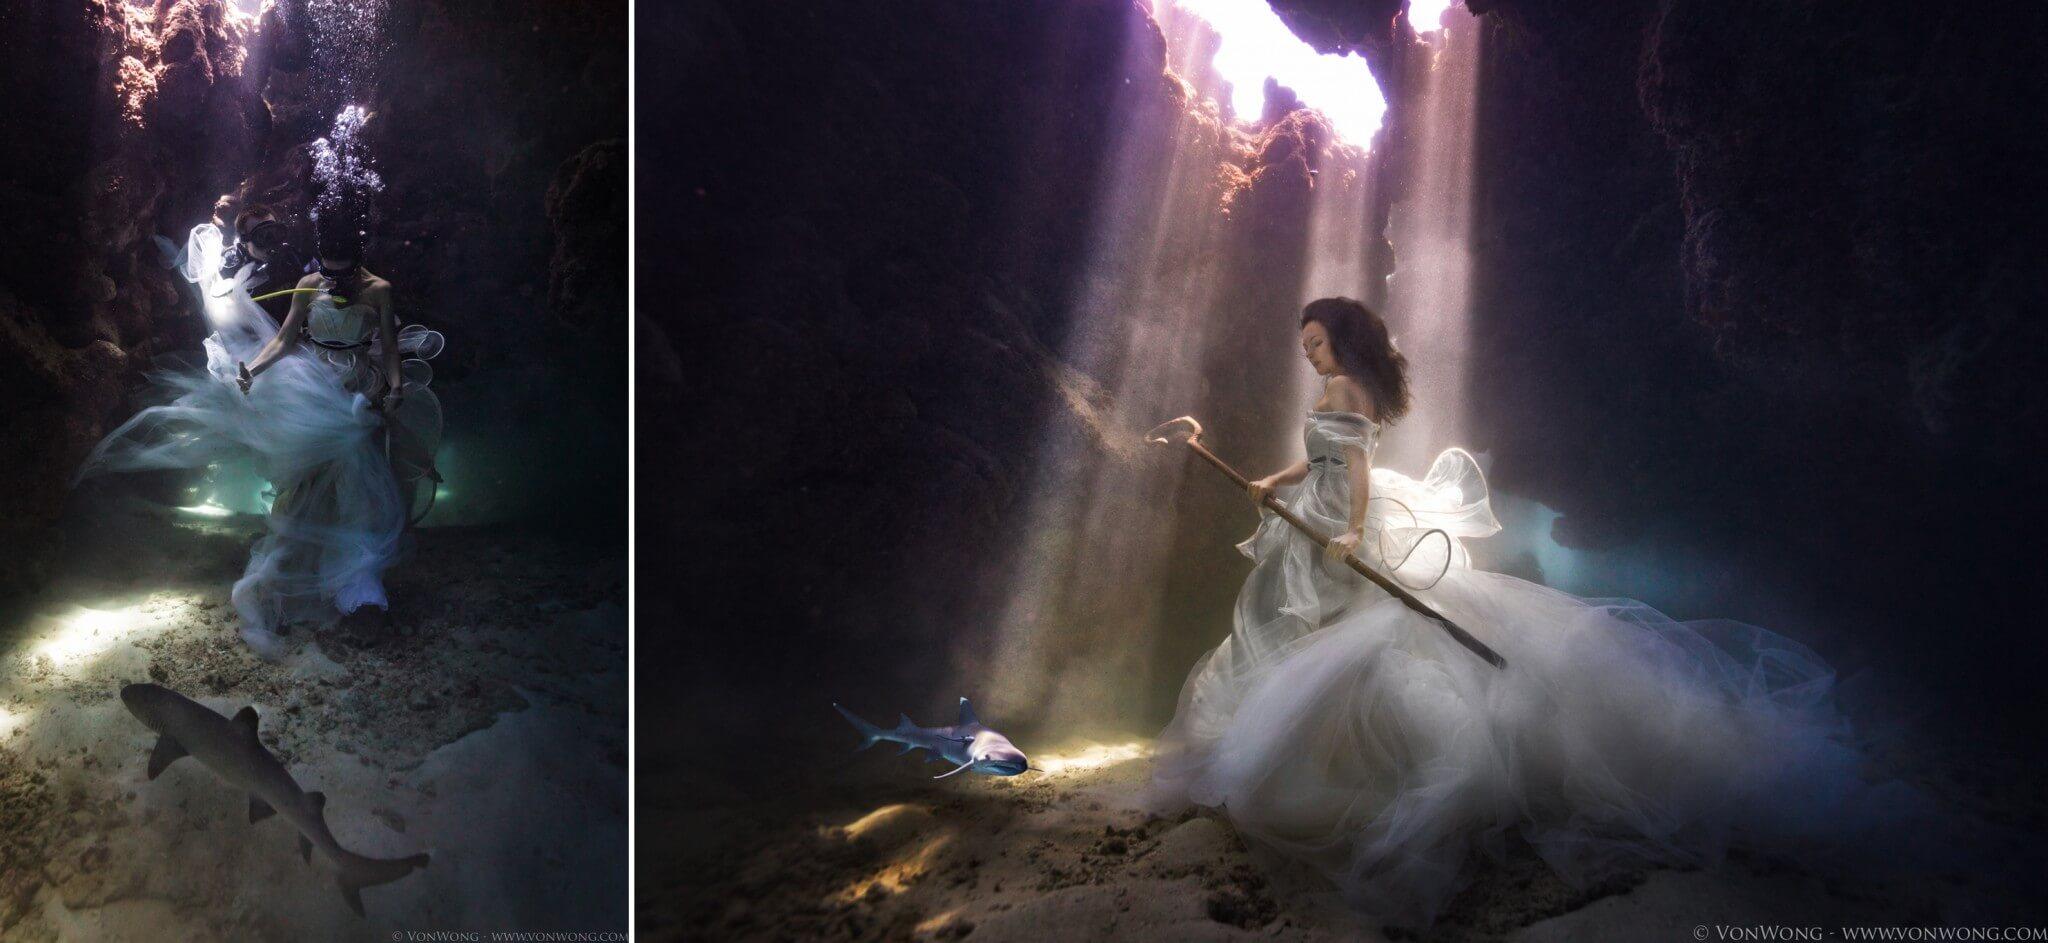 podvodnye portrety s akulami fotograf Bendzhamin fon Vong 5